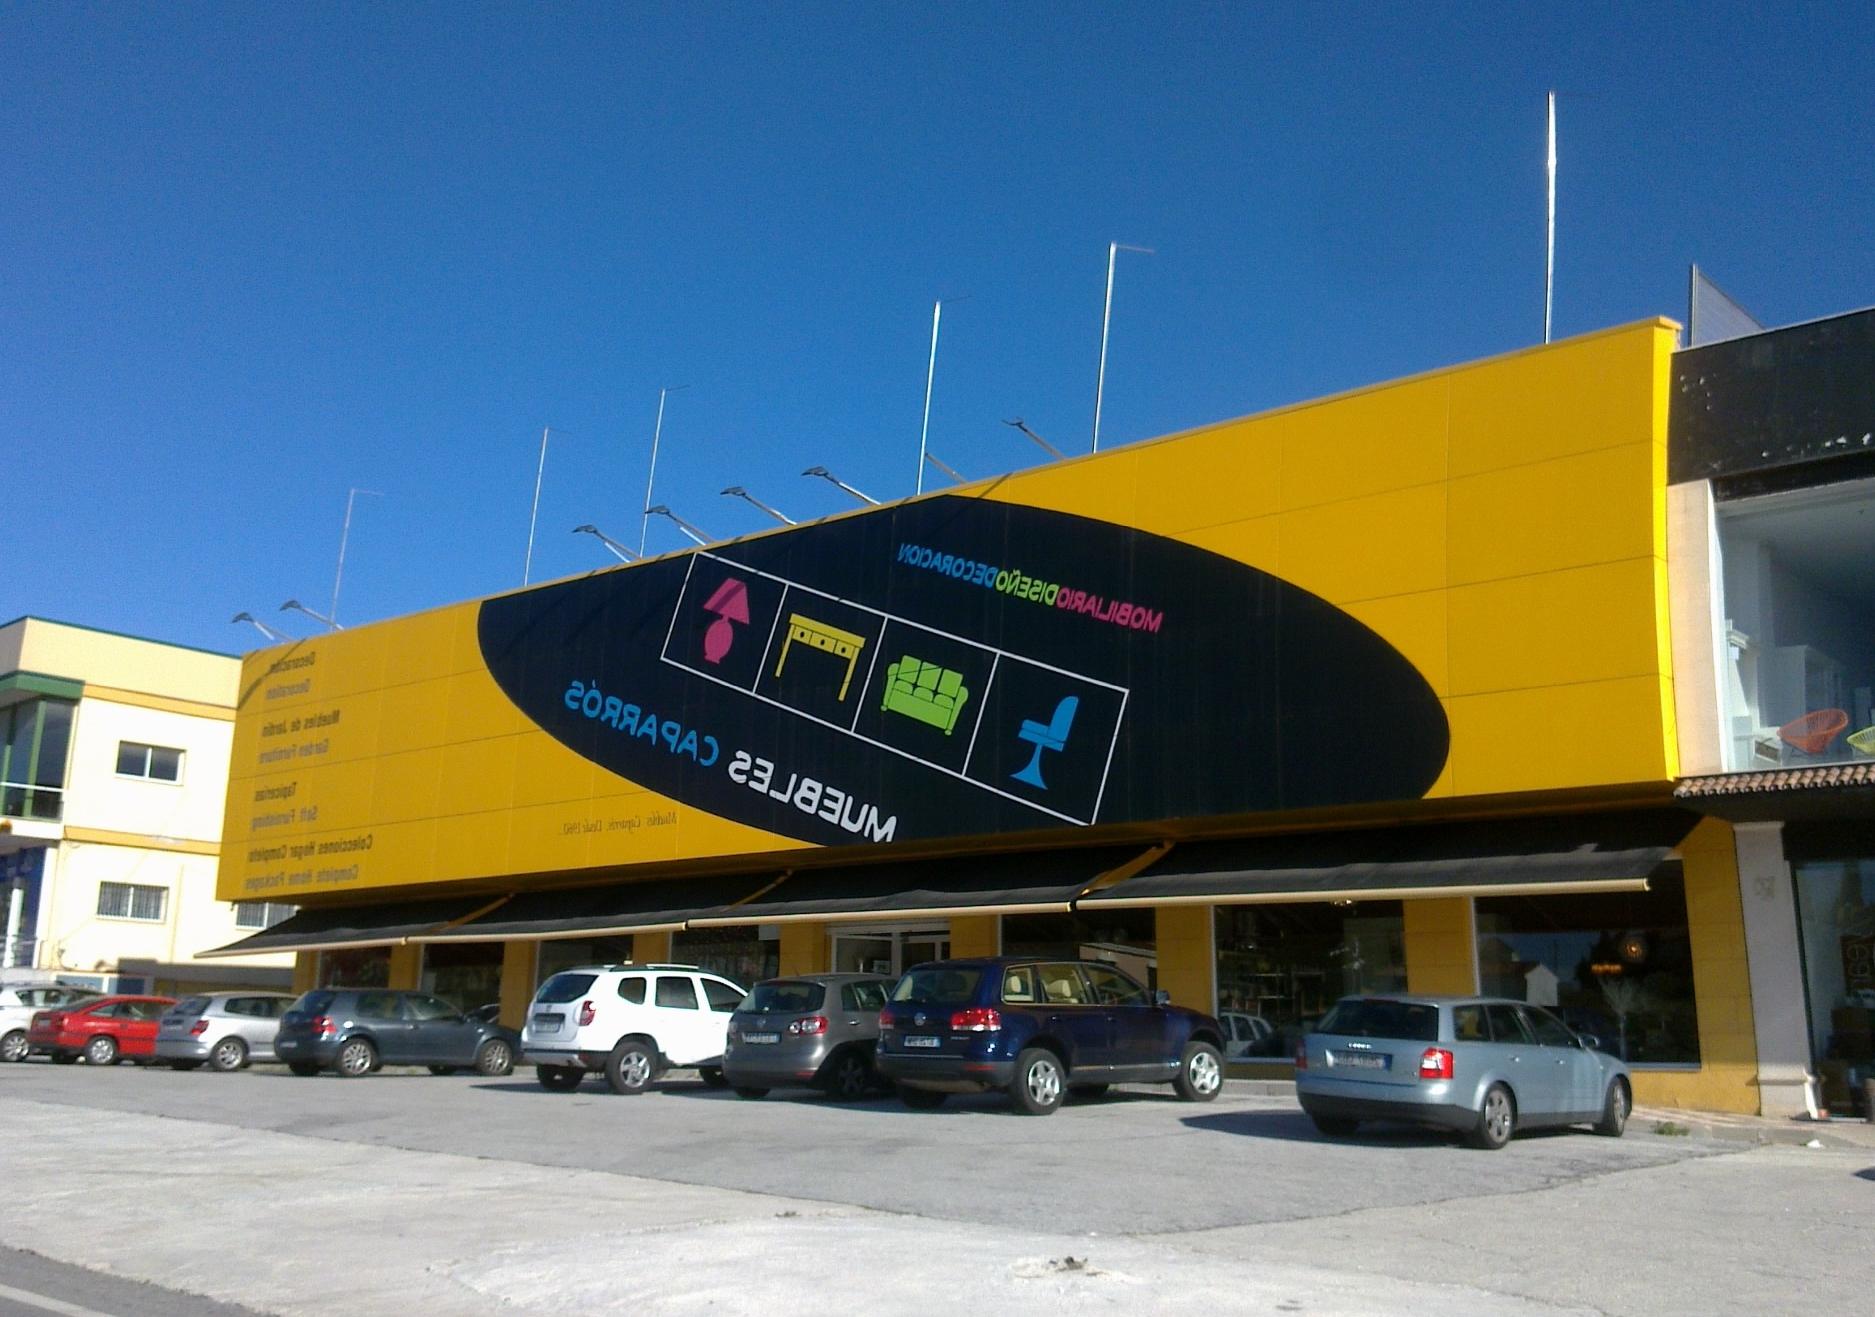 Tiendas De Muebles En Fuengirola Dwdk Vendemos sofà S Y Sillones En La Coste De Mijas Tienda Y Online